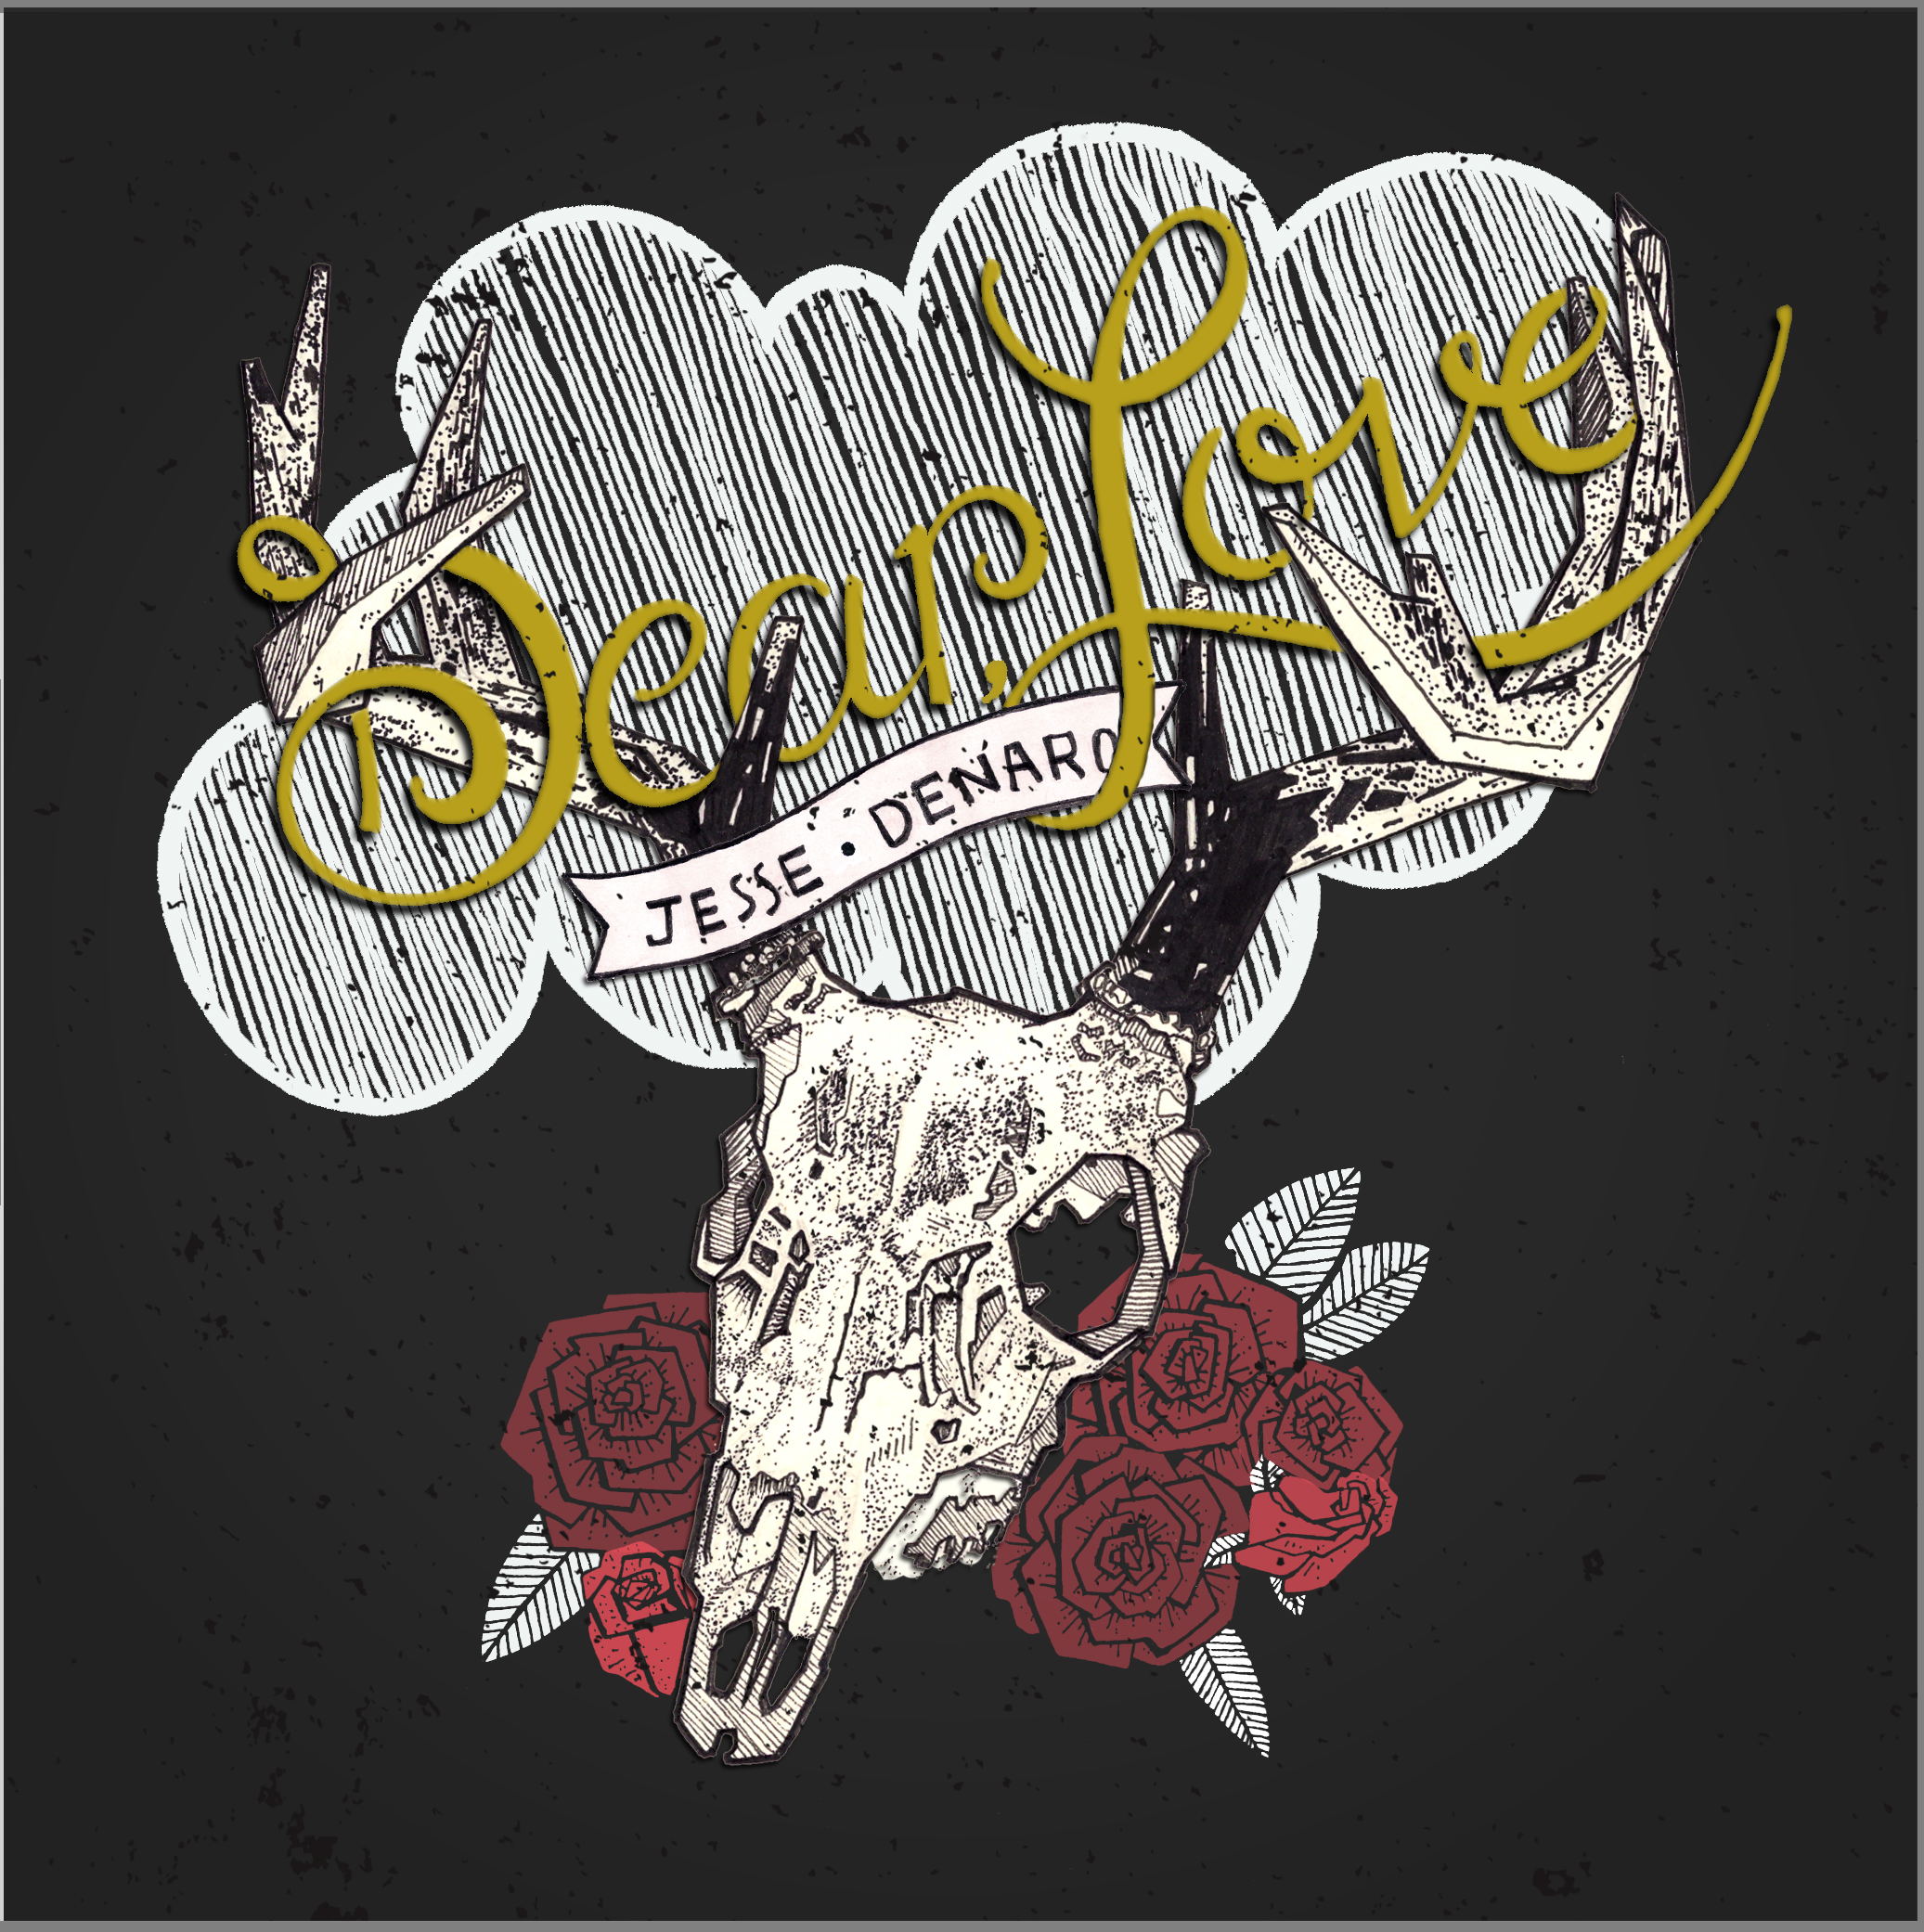 Dear, Love (2014) - Album by Jesse Denaro